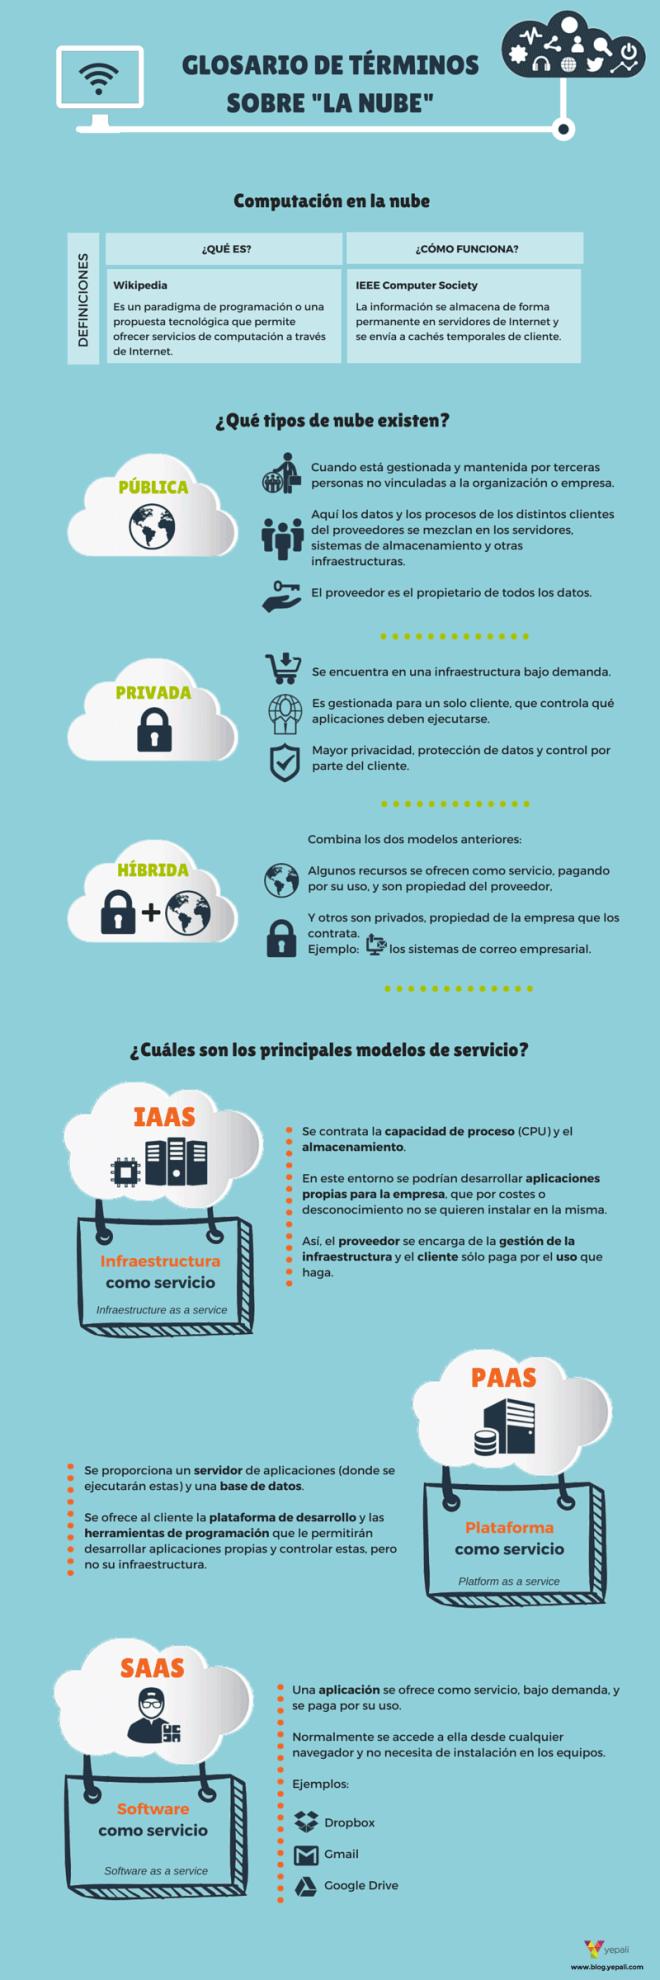 Glosario de términos comunes en Cloud Computing